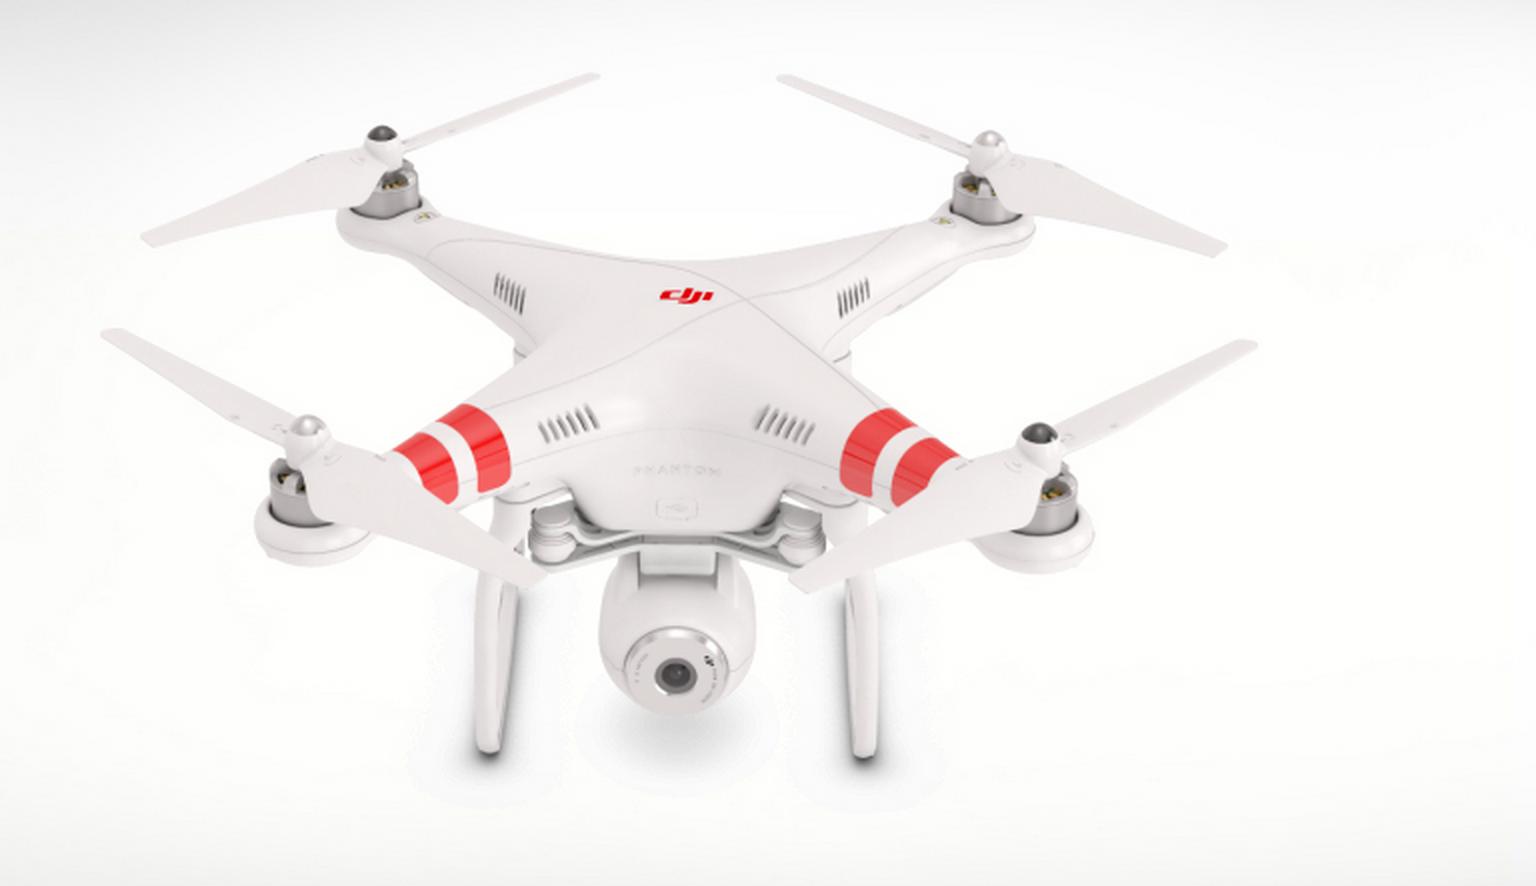 The Phantom 2 Vision quadcopter. Photo courtesy of DJI